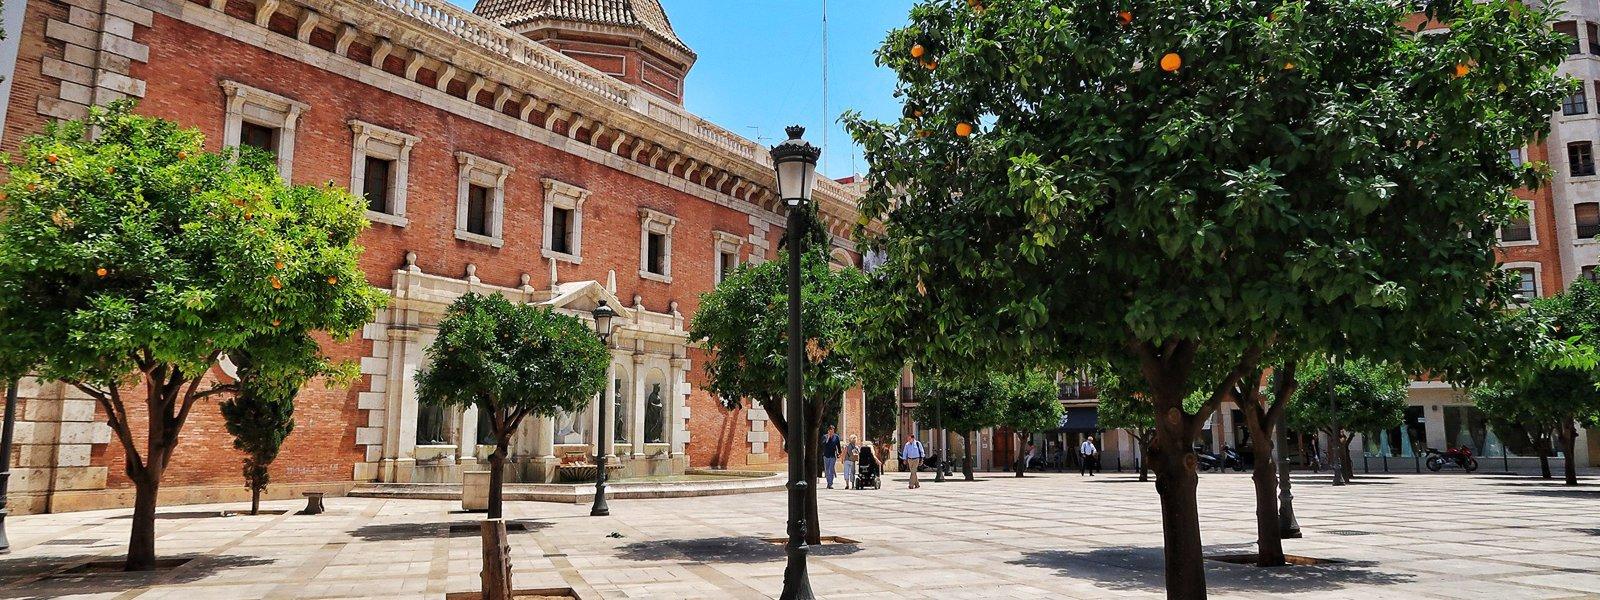 Plaça del Col·legi del Patriarca, localització per a la representació d'espectacles